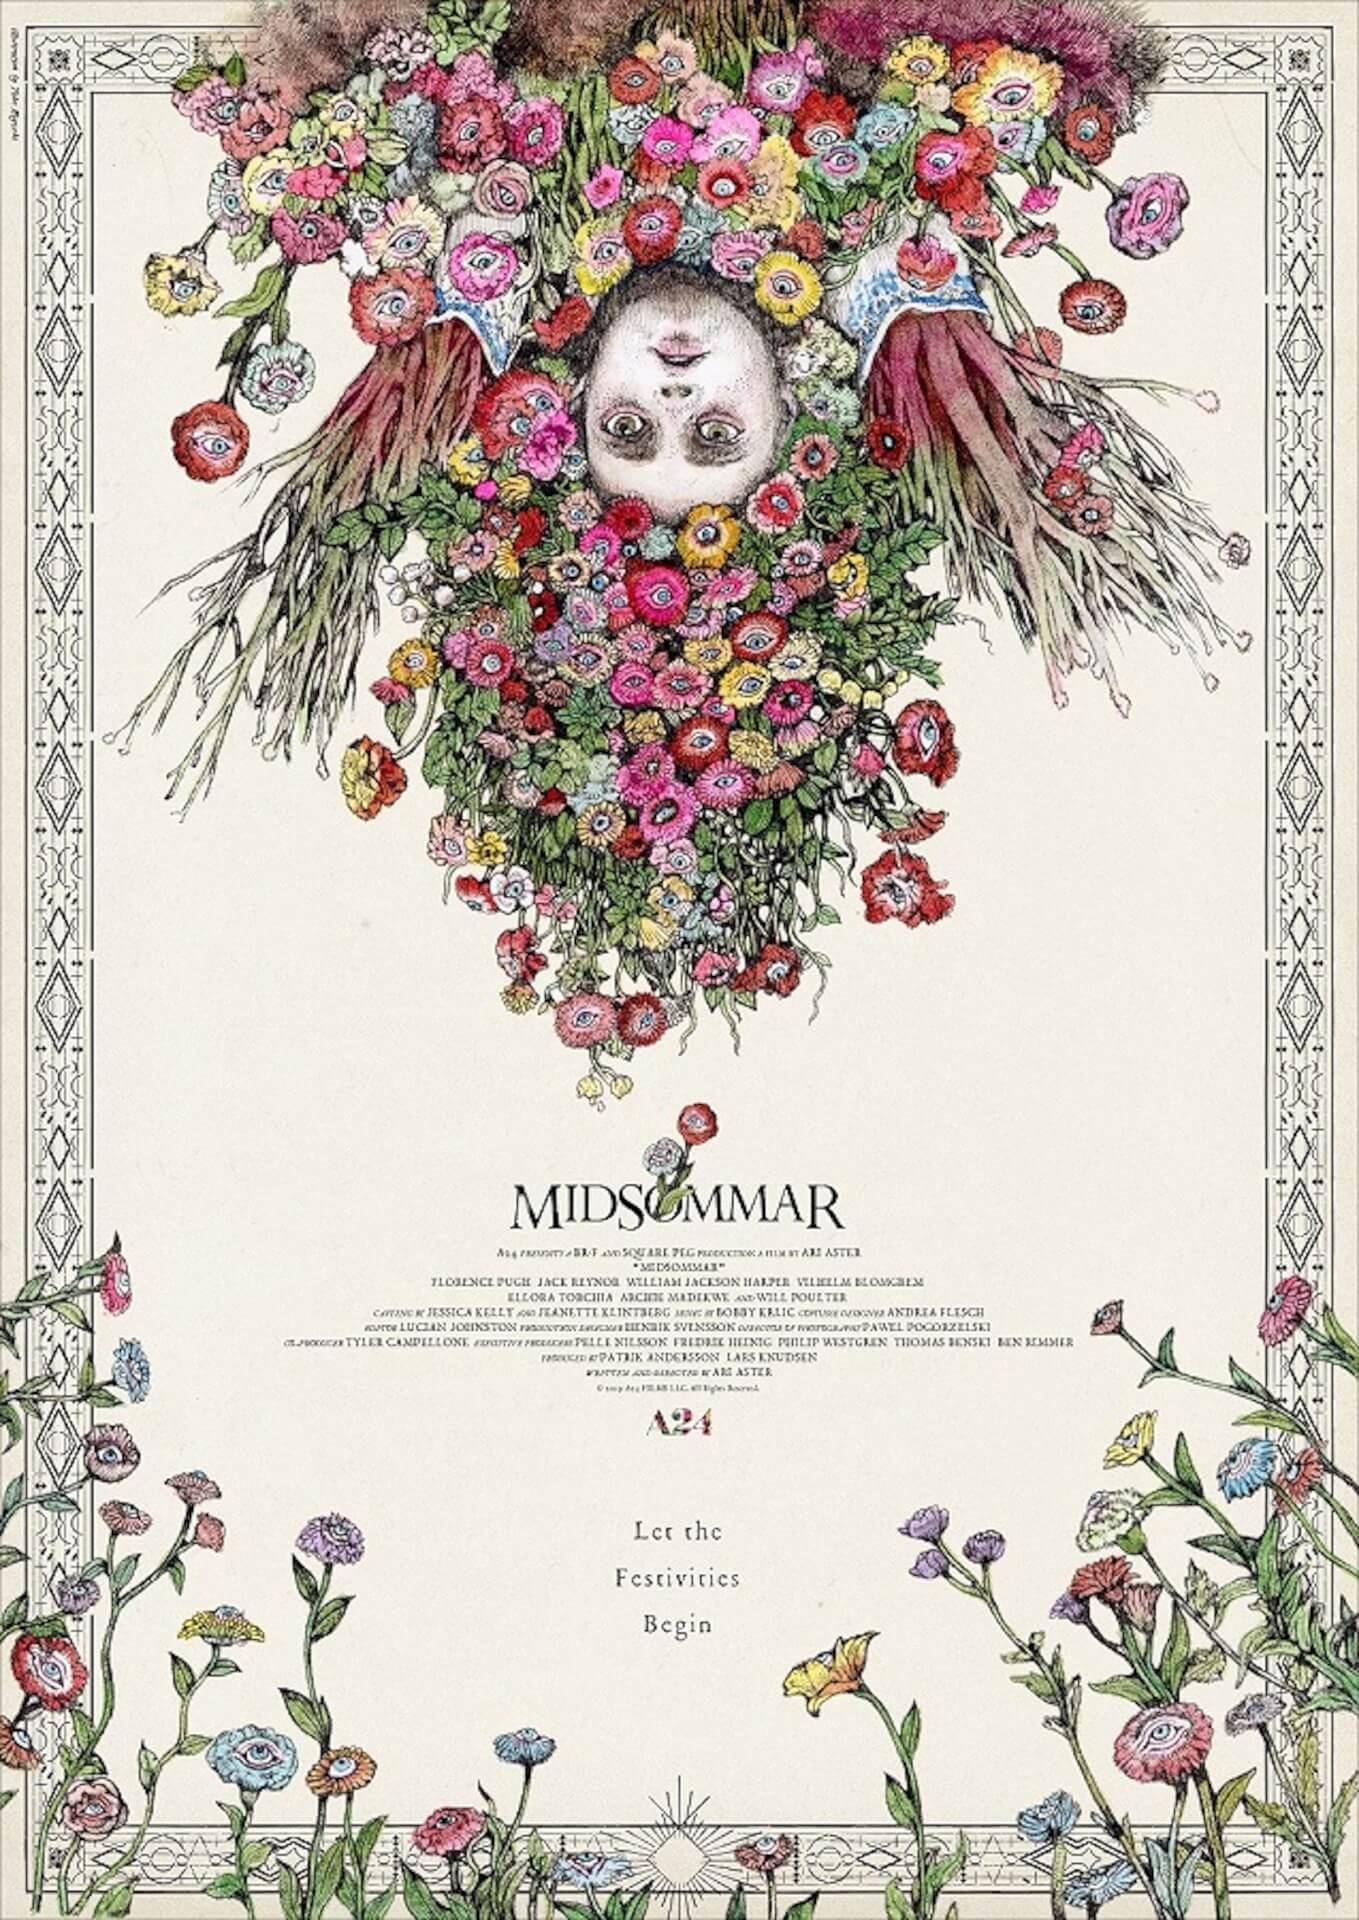 映画『ミッドサマー』公開目前!ヒグチユウコが手掛けたポスターやPOPEYEとの限定コラボTシャツプレゼントキャンペーン実施決定 film200219_midsommarfanart_02